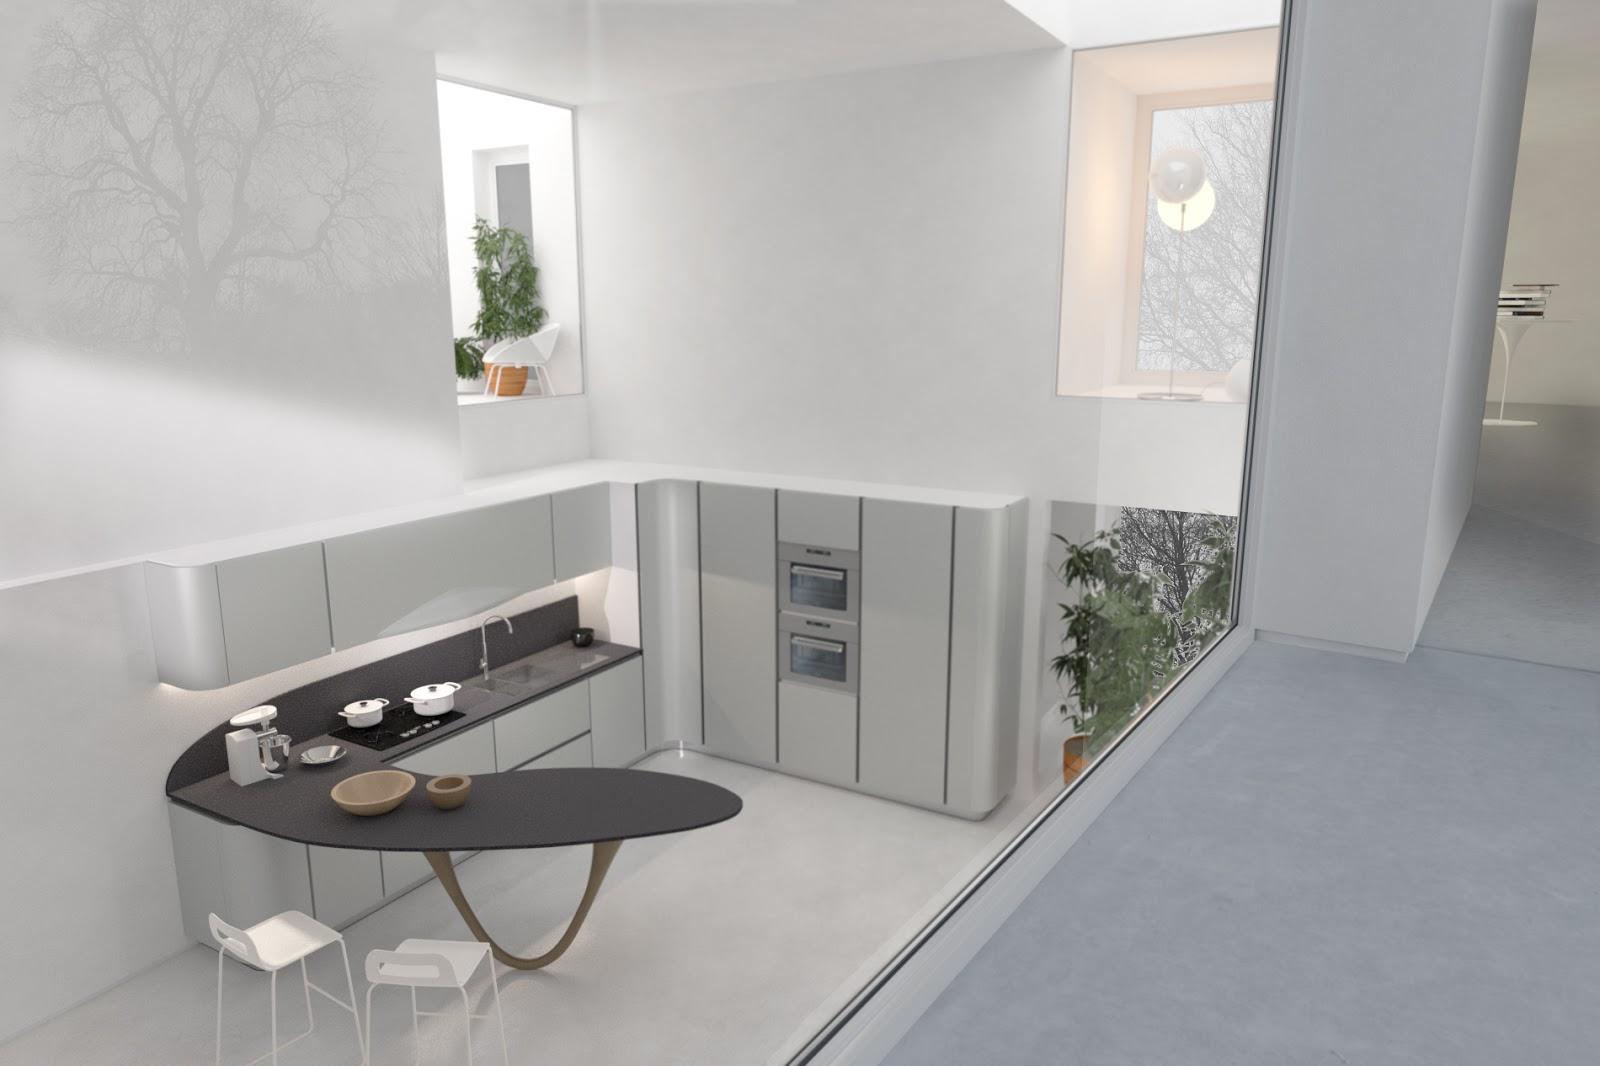 Programma di arredamento gratis progettare casa online for Programma per arredare casa